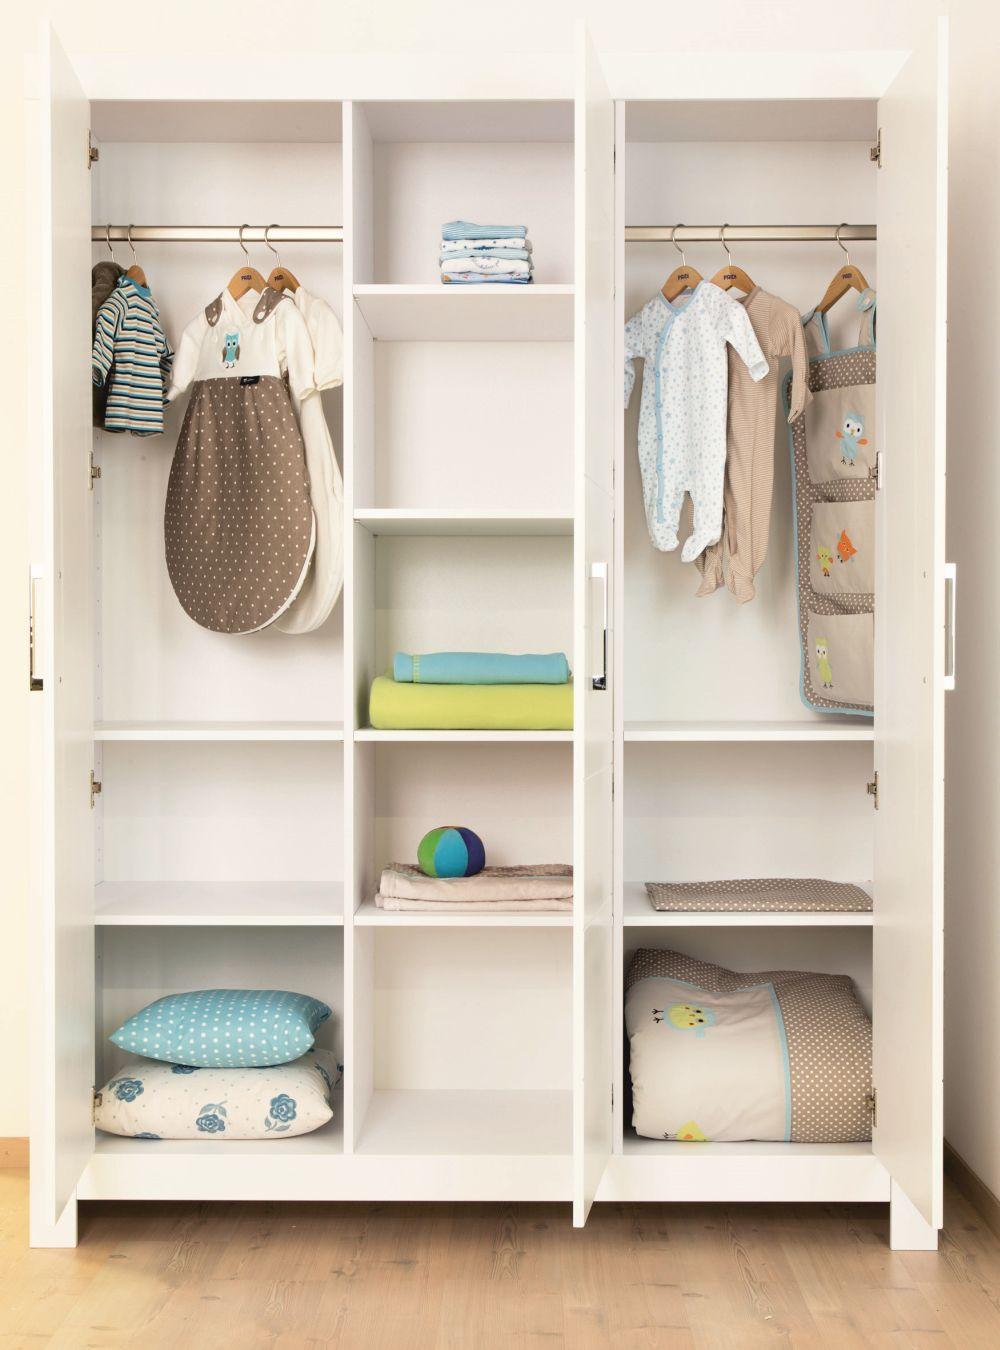 Kinderzimmer Fiona Von Paidi Weiss Mit Kassettenoptik Kinderzimmer